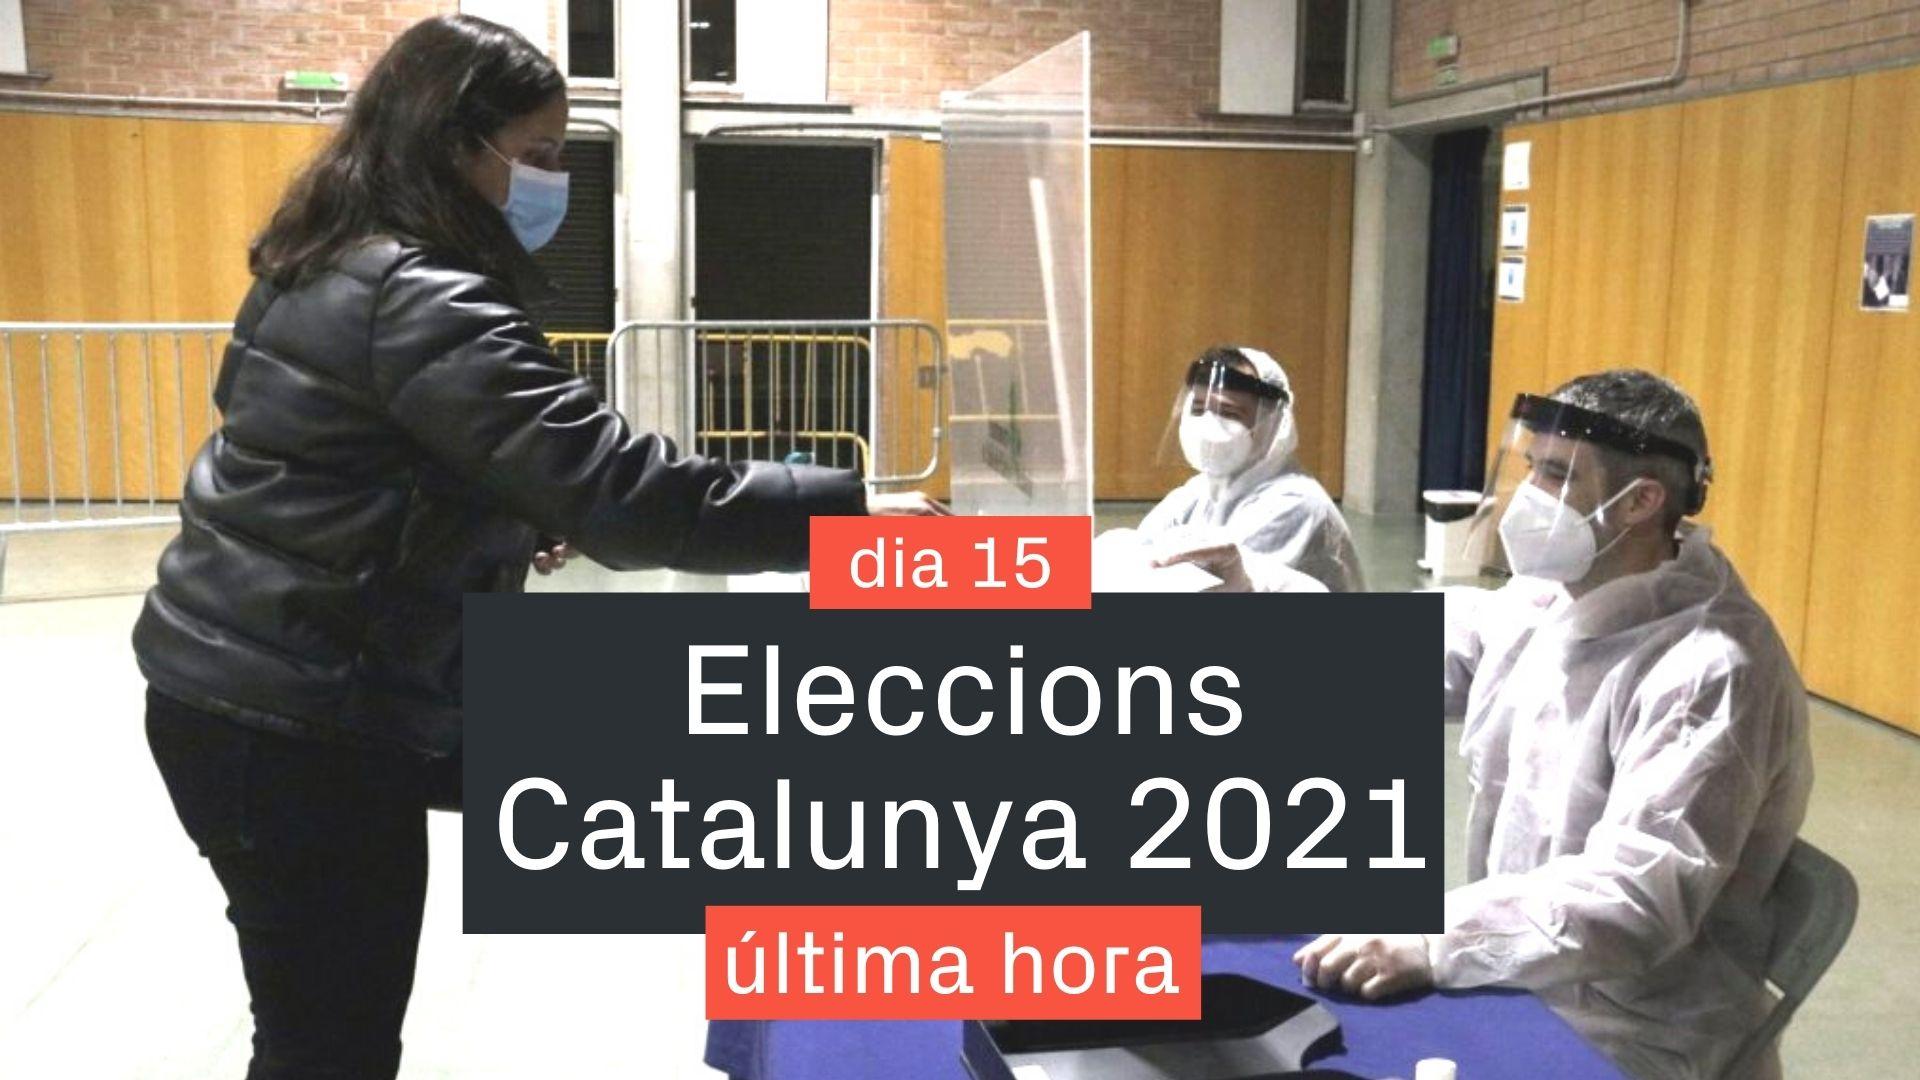 directe eleccions catalunya 2021